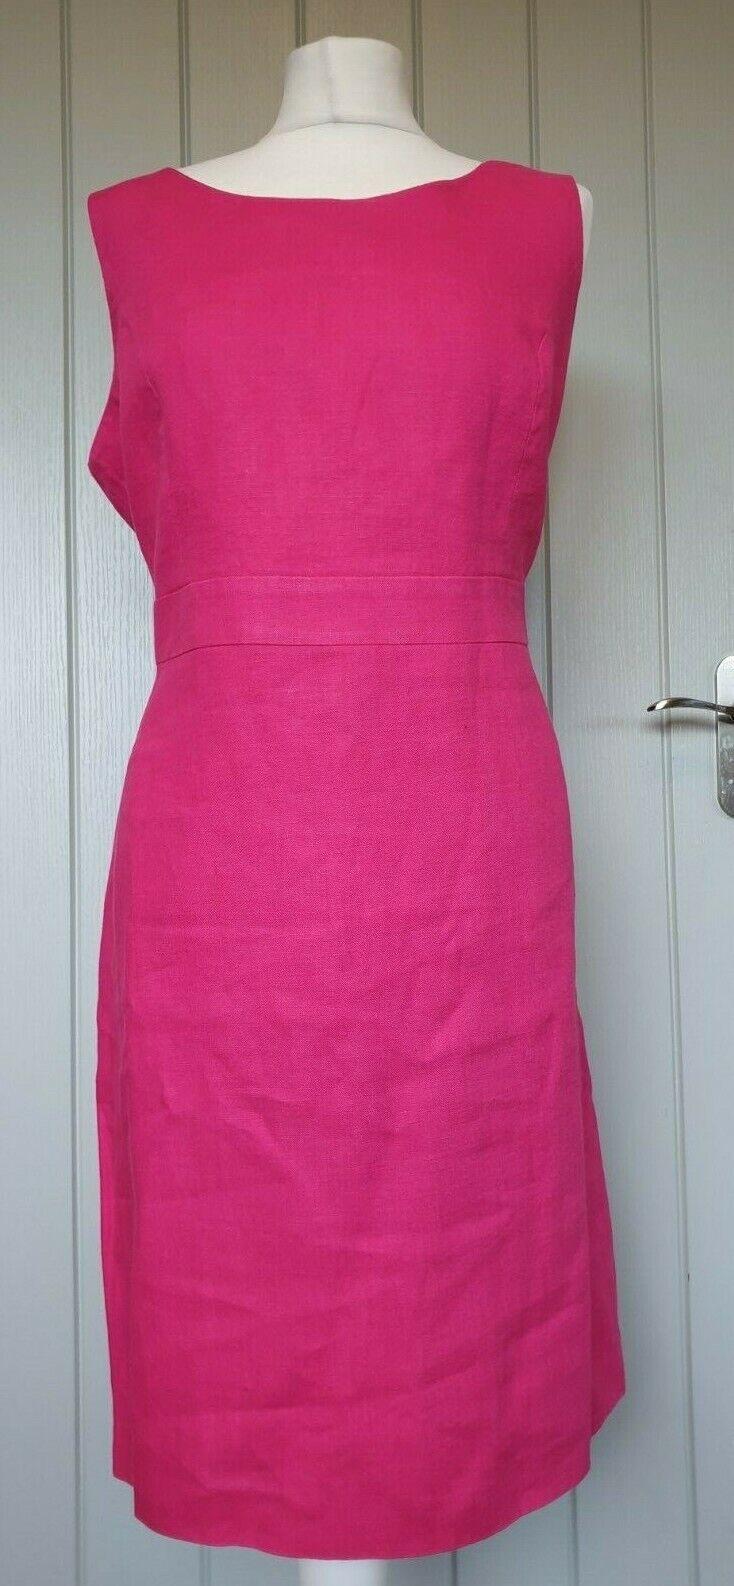 EAST cerise pink shift dress size 14 sleeveless linen lined zip back d3